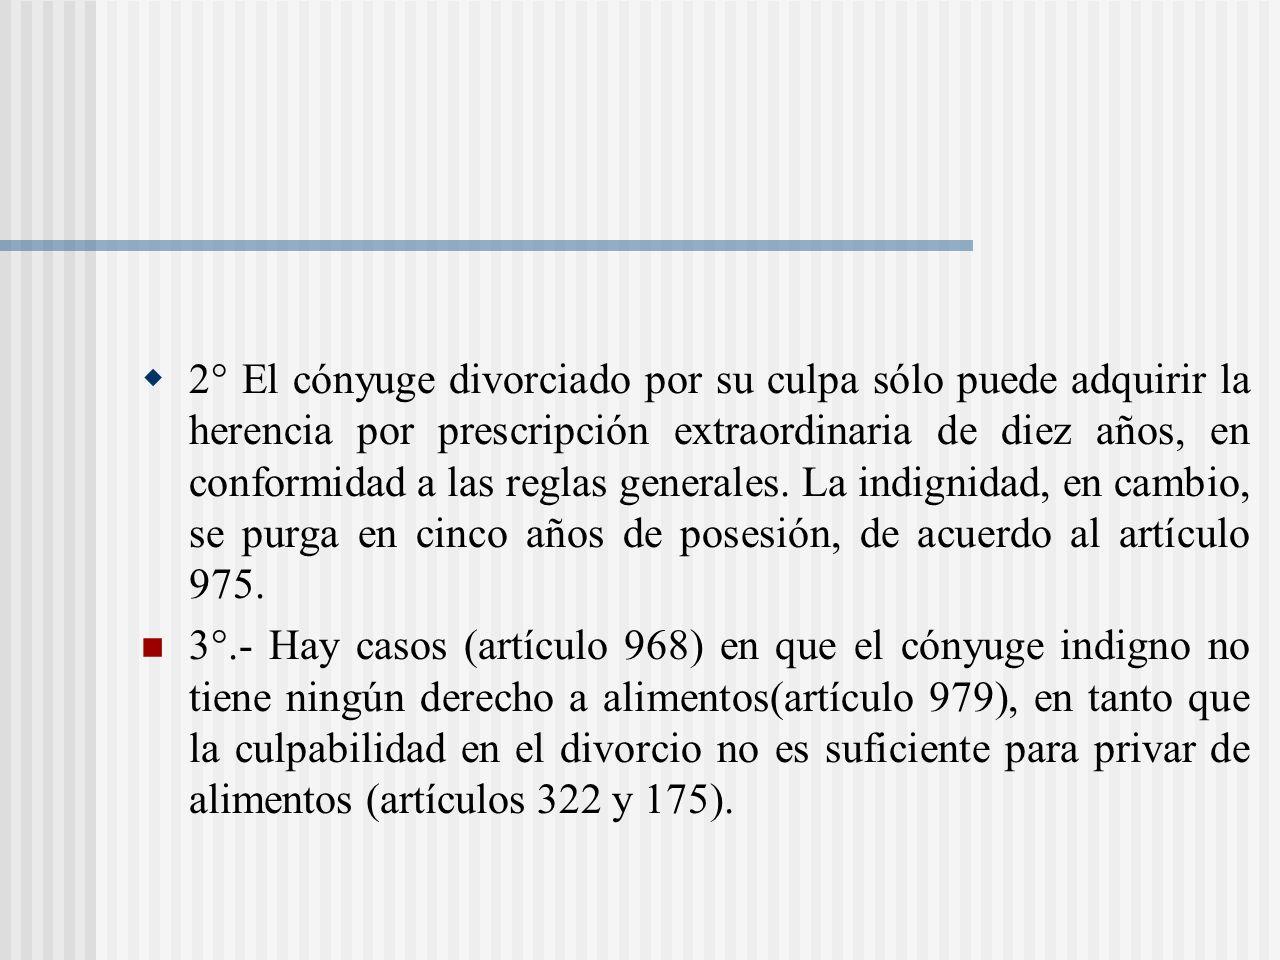 2° El cónyuge divorciado por su culpa sólo puede adquirir la herencia por prescripción extraordinaria de diez años, en conformidad a las reglas generales. La indignidad, en cambio, se purga en cinco años de posesión, de acuerdo al artículo 975.